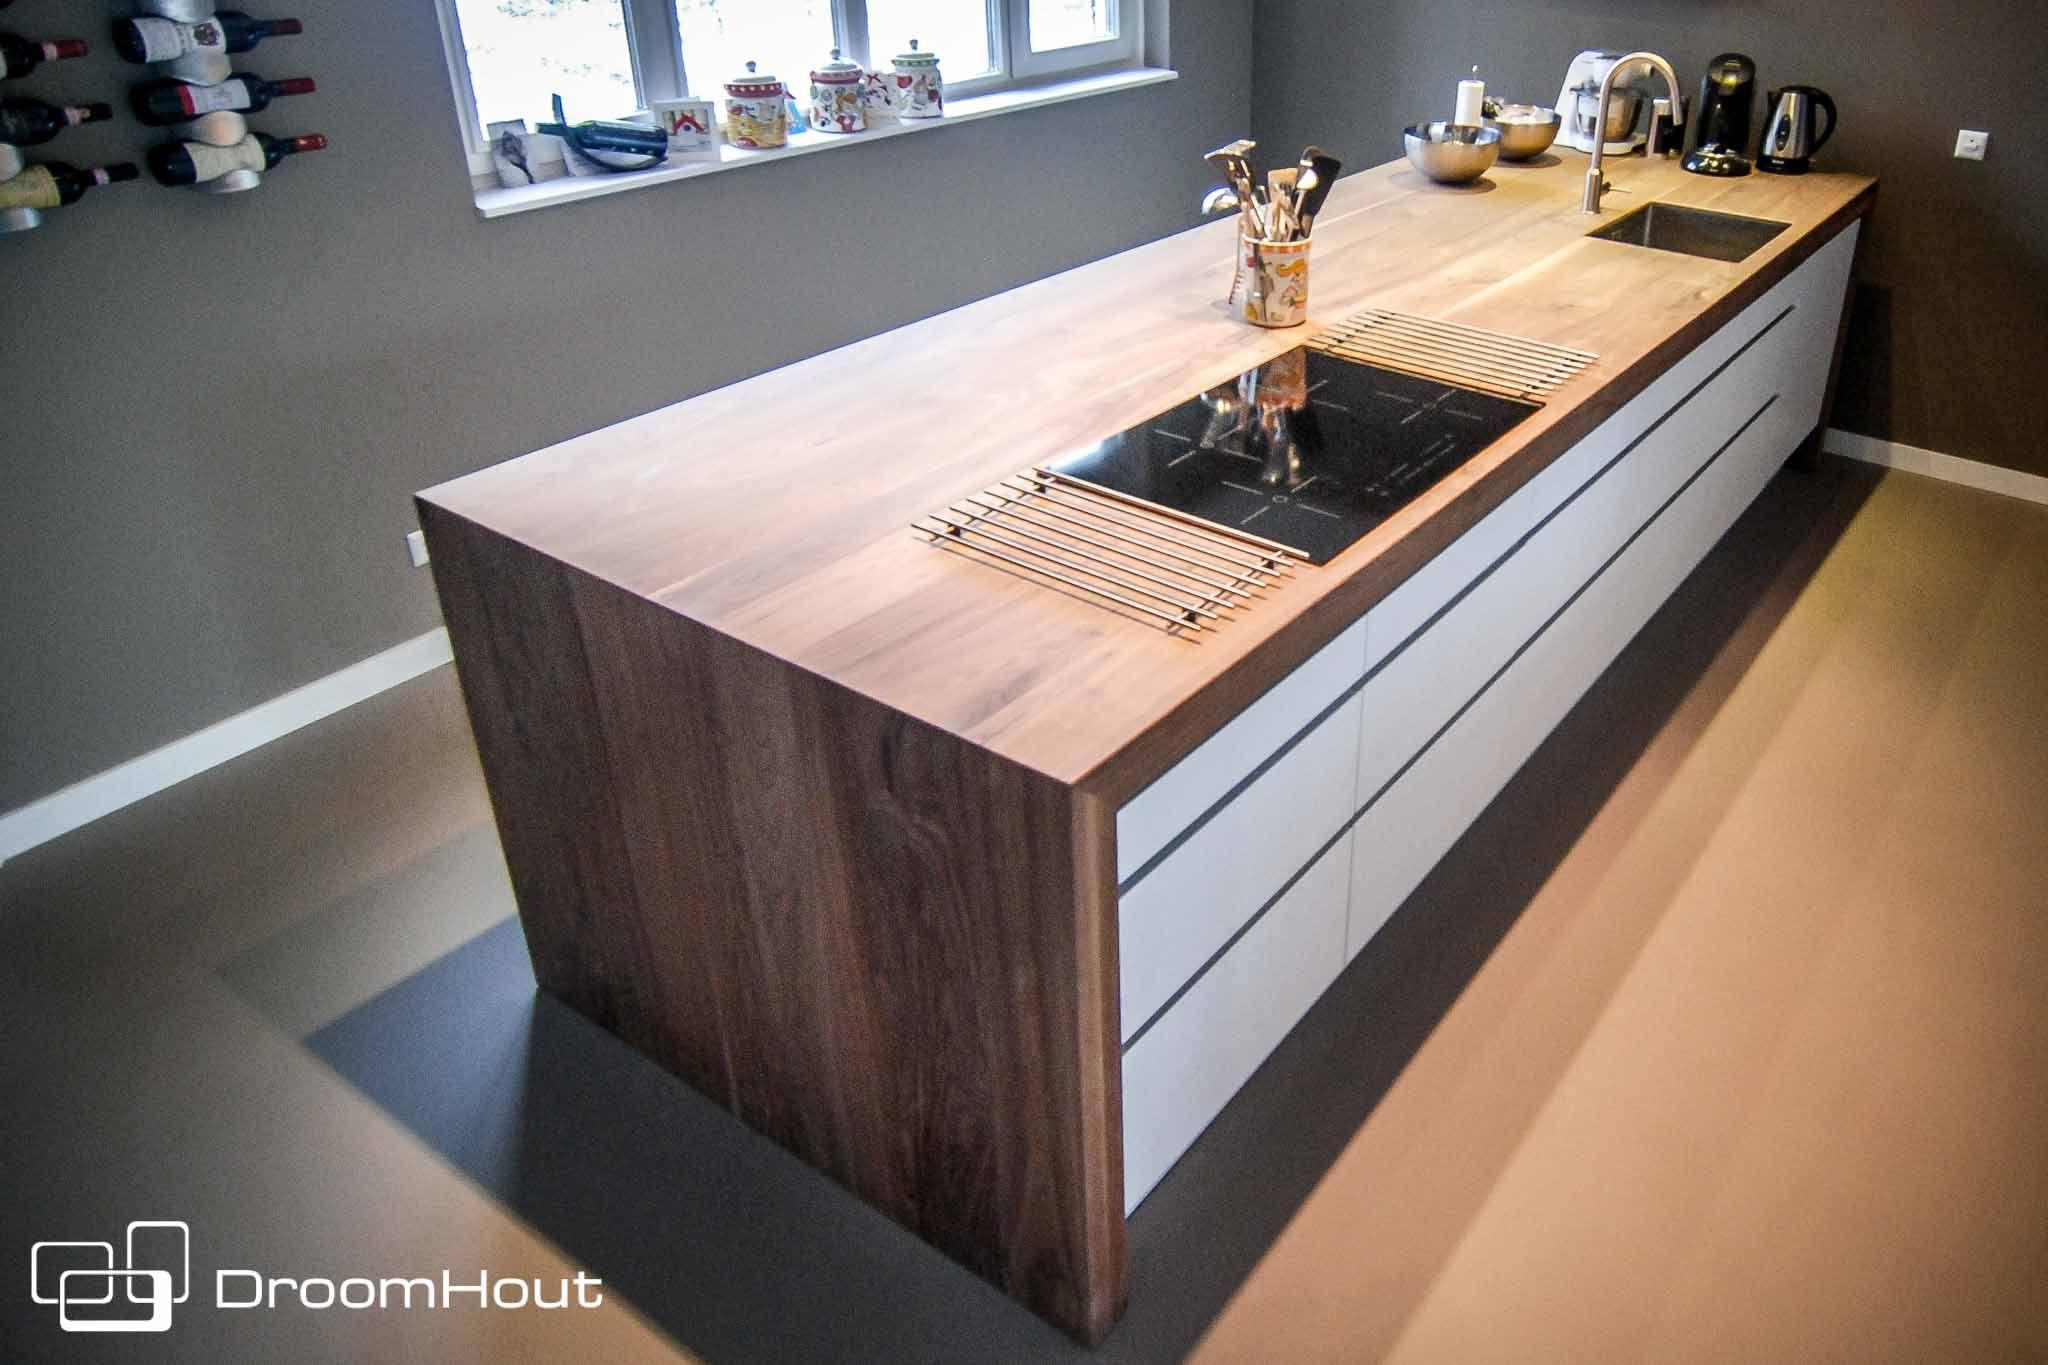 Ikea Houten Kast : Houten keukenblad ikea kasten keukenblad van droomhout